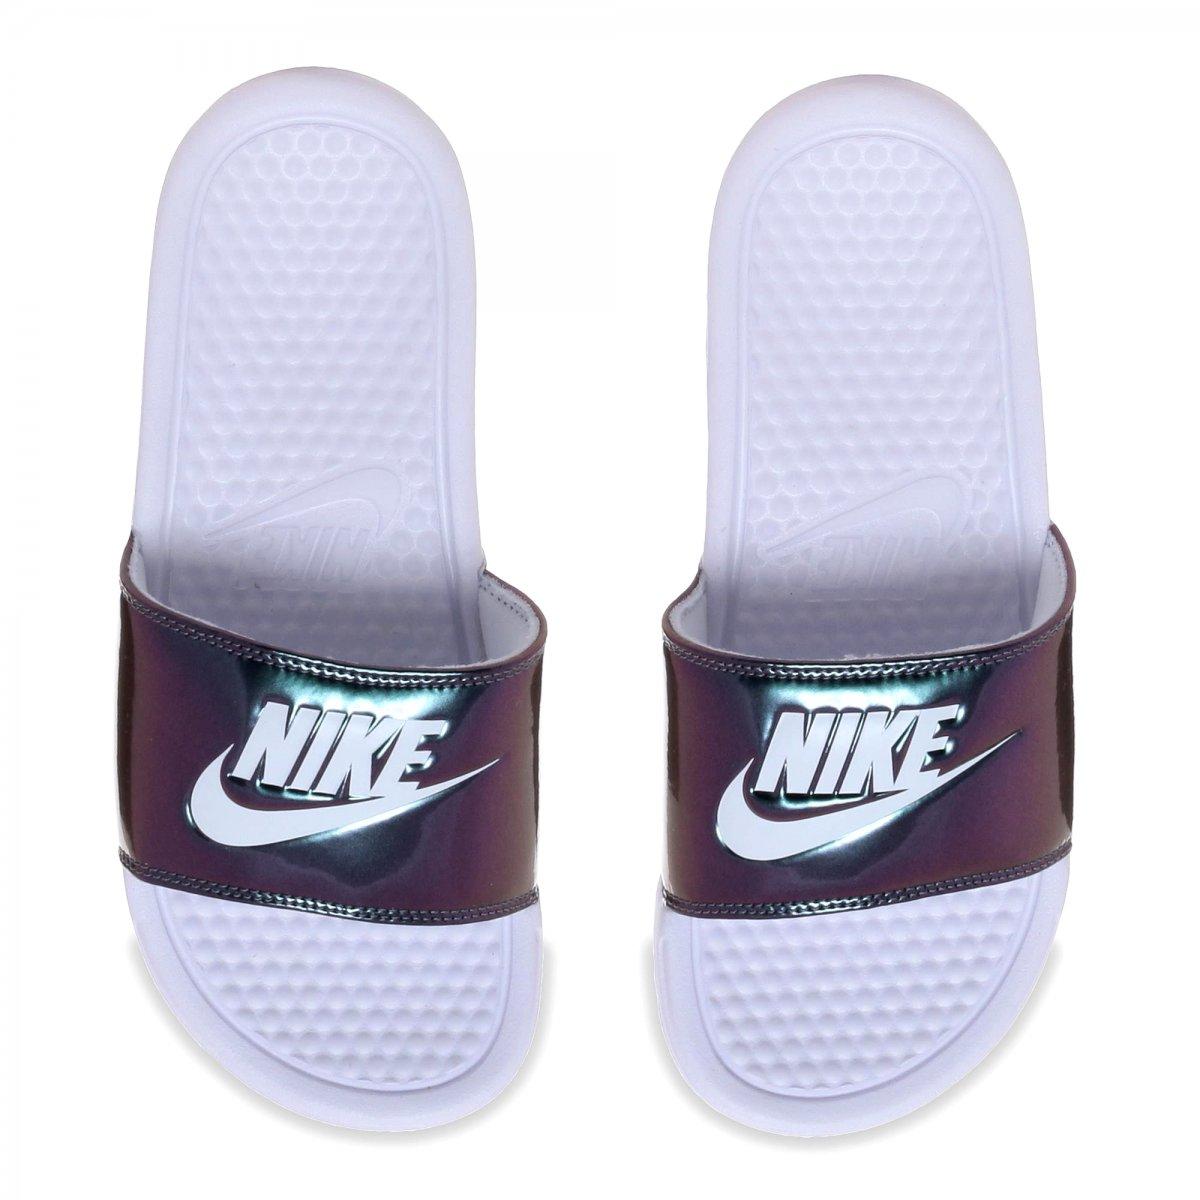 866d013a1e Passe o mouse para ver detalhes. Amplie a imagem. Sandália Nike WMNS  Benassi JDI Print Feminina ...